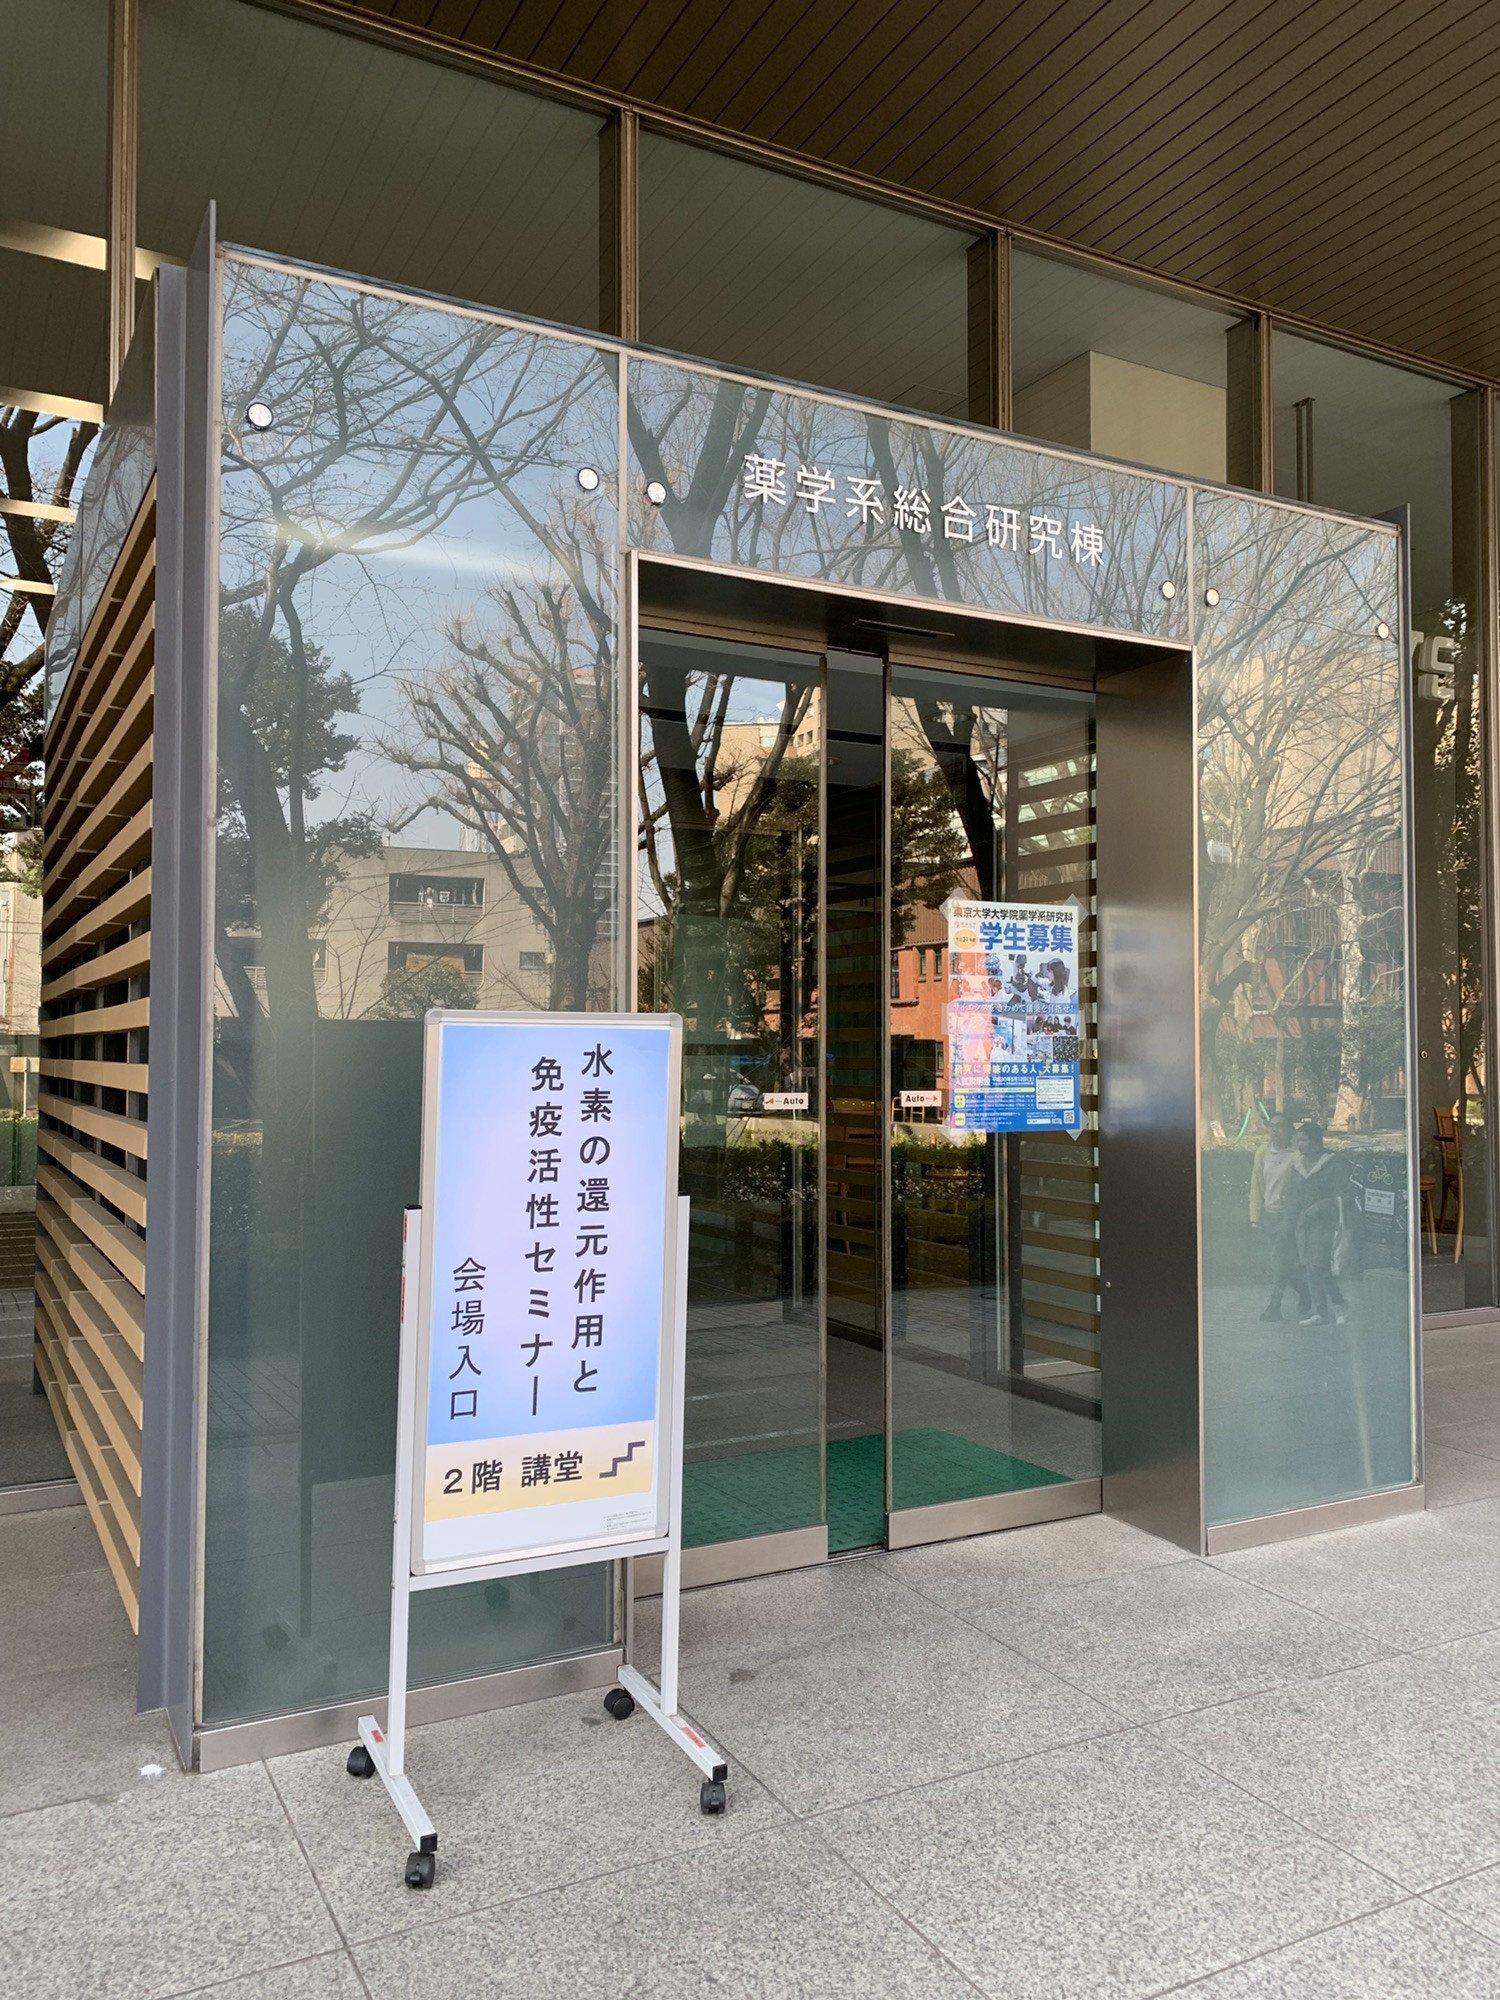 東京大學 氫氣還原作用及免疫活性研討會15 - - 氫醫學/癌症/免疫